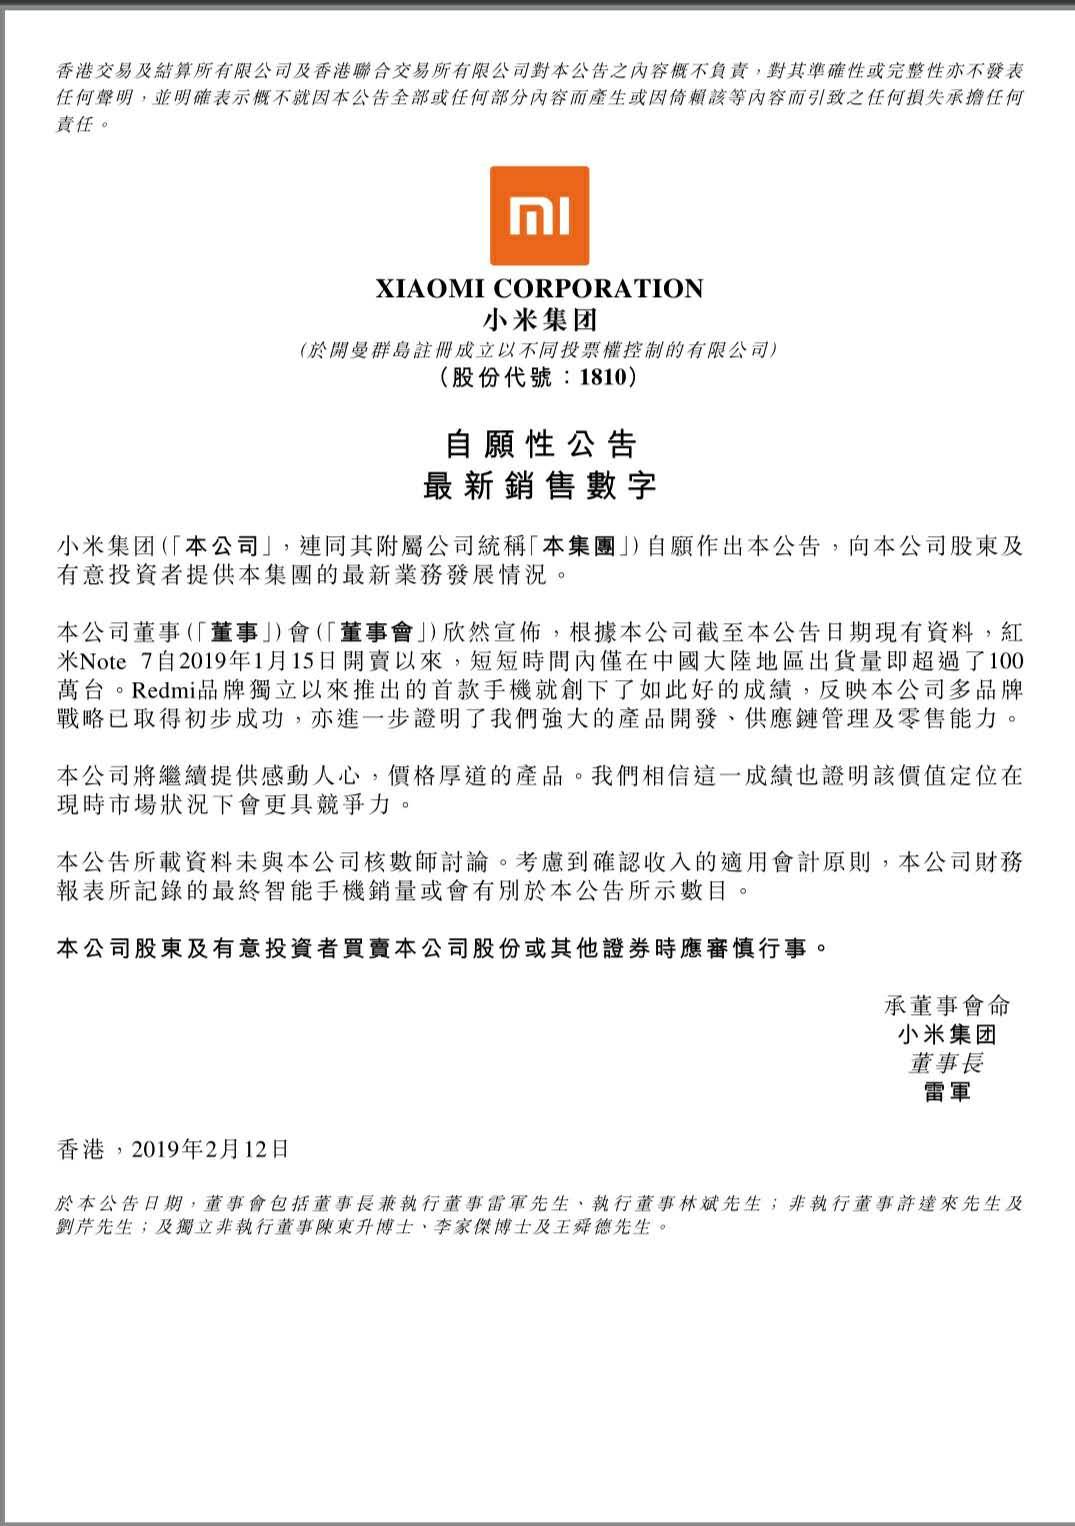 红米Redmi品牌独立首战告捷,半月多出货超百万